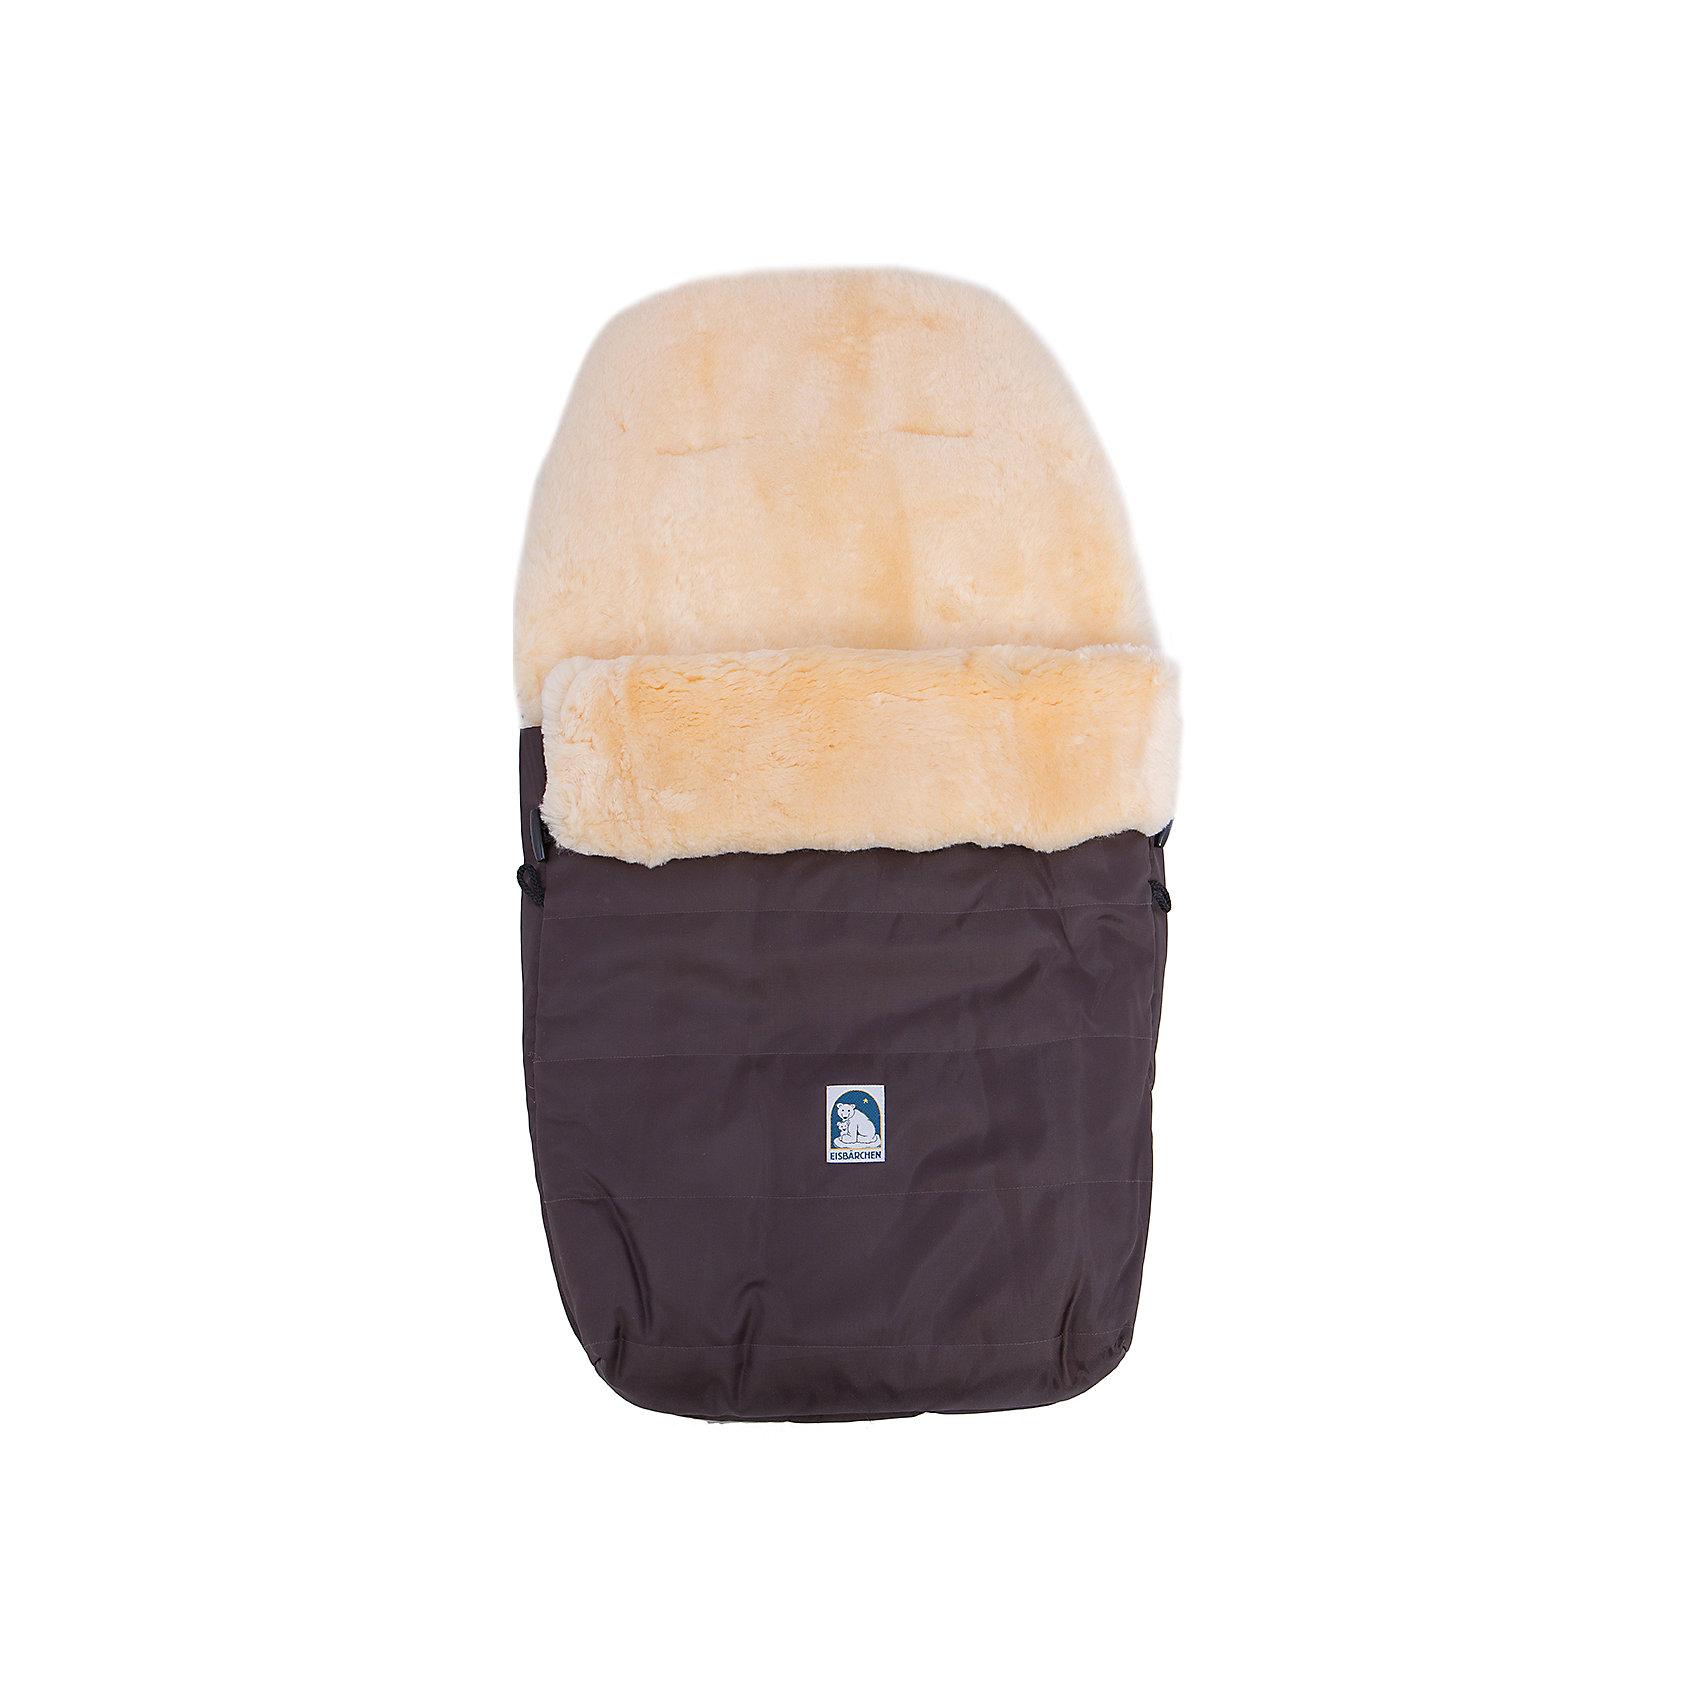 Конверт 968 МО, Heitmann Felle, моккаМеховой конверт Heitmann Felle предназначен для прогулок с малышом, в том числе, в коляске и автокресле. Мех ягненка внутри конверта имеет высоту в 30 мм и прекрасно сохранит тепло и уют для крохи. Материалы, из которых изготовлен конверт, гипоаллергенны и водонепроницаемы. Удобно застегивается с помощью двухсторонней молнии.  Для безопасных прогулок в коляске предусмотрены прорези для пятиточечных ремней безопасности. Конверт можно стирать при температуре 30°. Подарите крохе тепло и комфорт с конвертом Heitmann Felle!<br><br>Дополнительная информация:<br>-антиаллергенный материал<br>-верх отстегивается<br>-двухсторонняя молния<br><br>Материал: овчина, ткань<br>Размер: 90х50 см<br>Вес: 3 кг<br>Цвет: мокка<br>Вы можете приобрести конверт Heitmann Felle в нашем интернет-магазине.<br><br>Ширина мм: 860<br>Глубина мм: 490<br>Высота мм: 100<br>Вес г: 2000<br>Возраст от месяцев: 0<br>Возраст до месяцев: 12<br>Пол: Унисекс<br>Возраст: Детский<br>SKU: 4977807